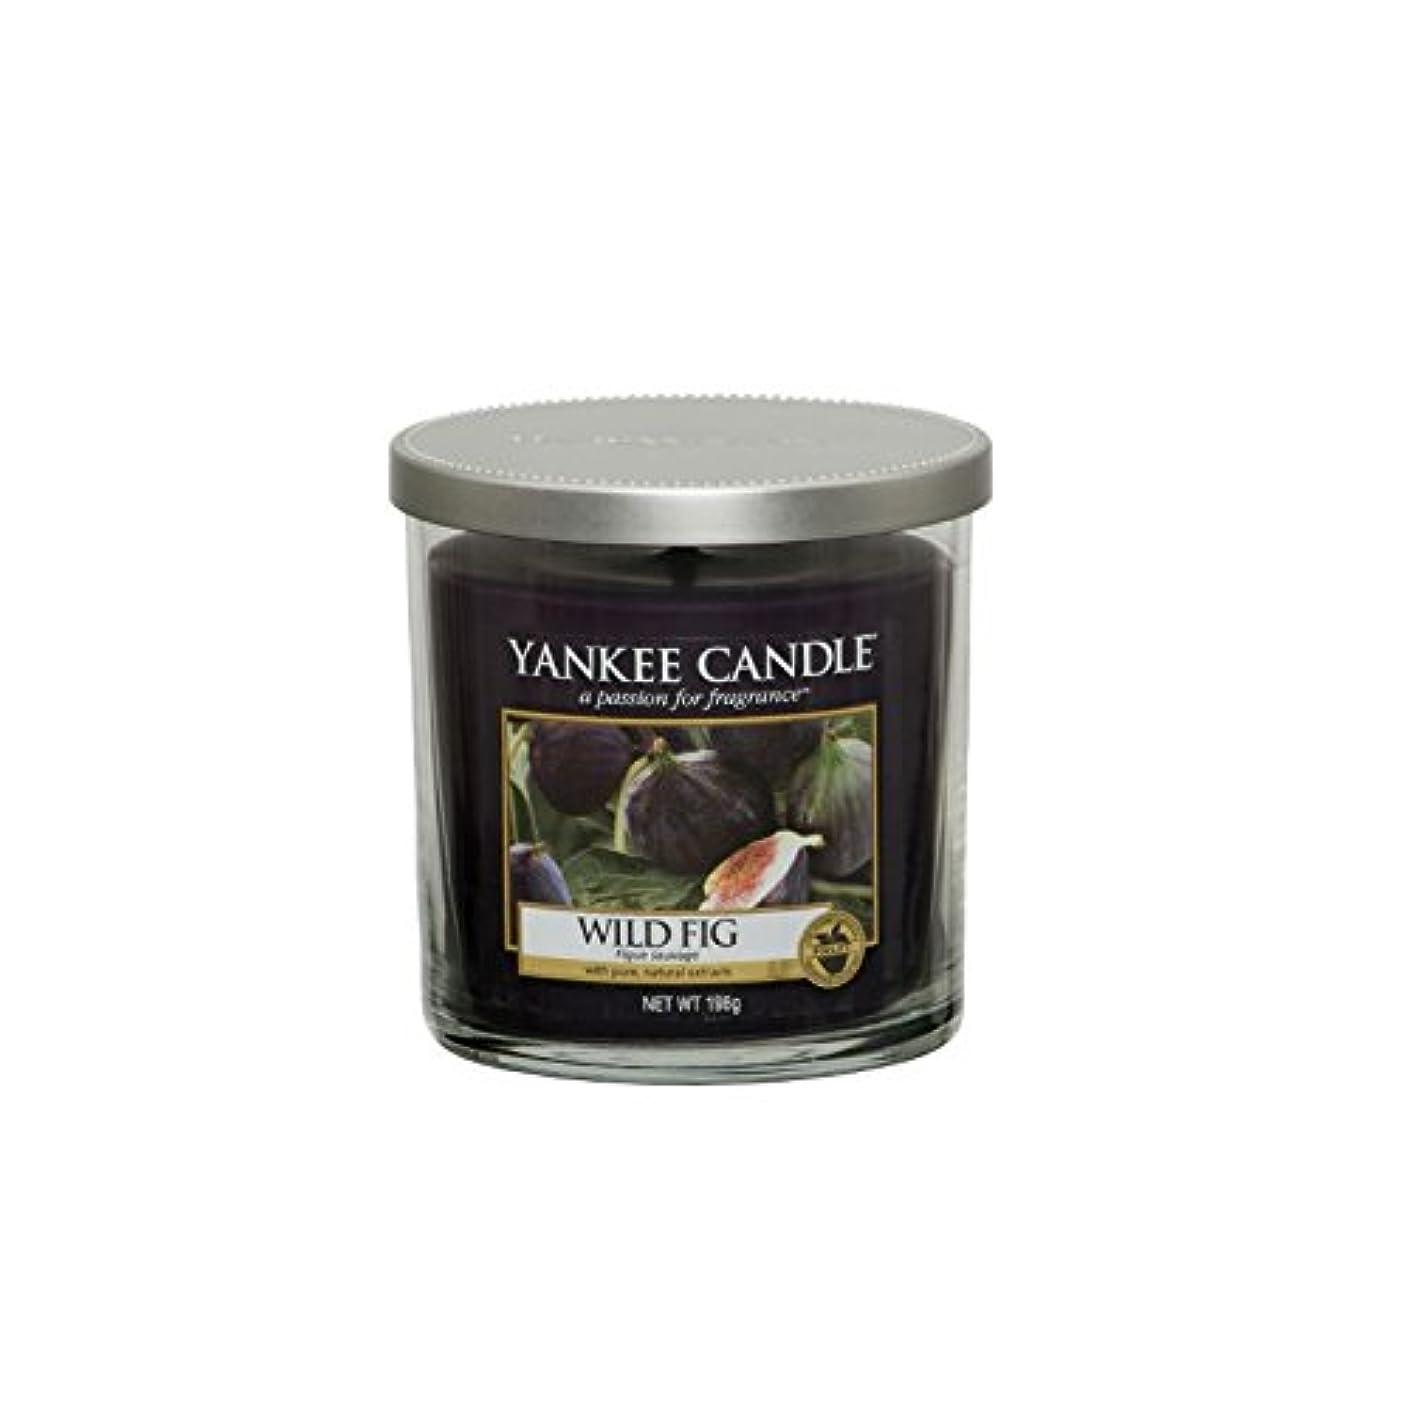 印象資源算術ヤンキーキャンドルの小さな柱キャンドル - 野生のイチジク - Yankee Candles Small Pillar Candle - Wild Fig (Yankee Candles) [並行輸入品]